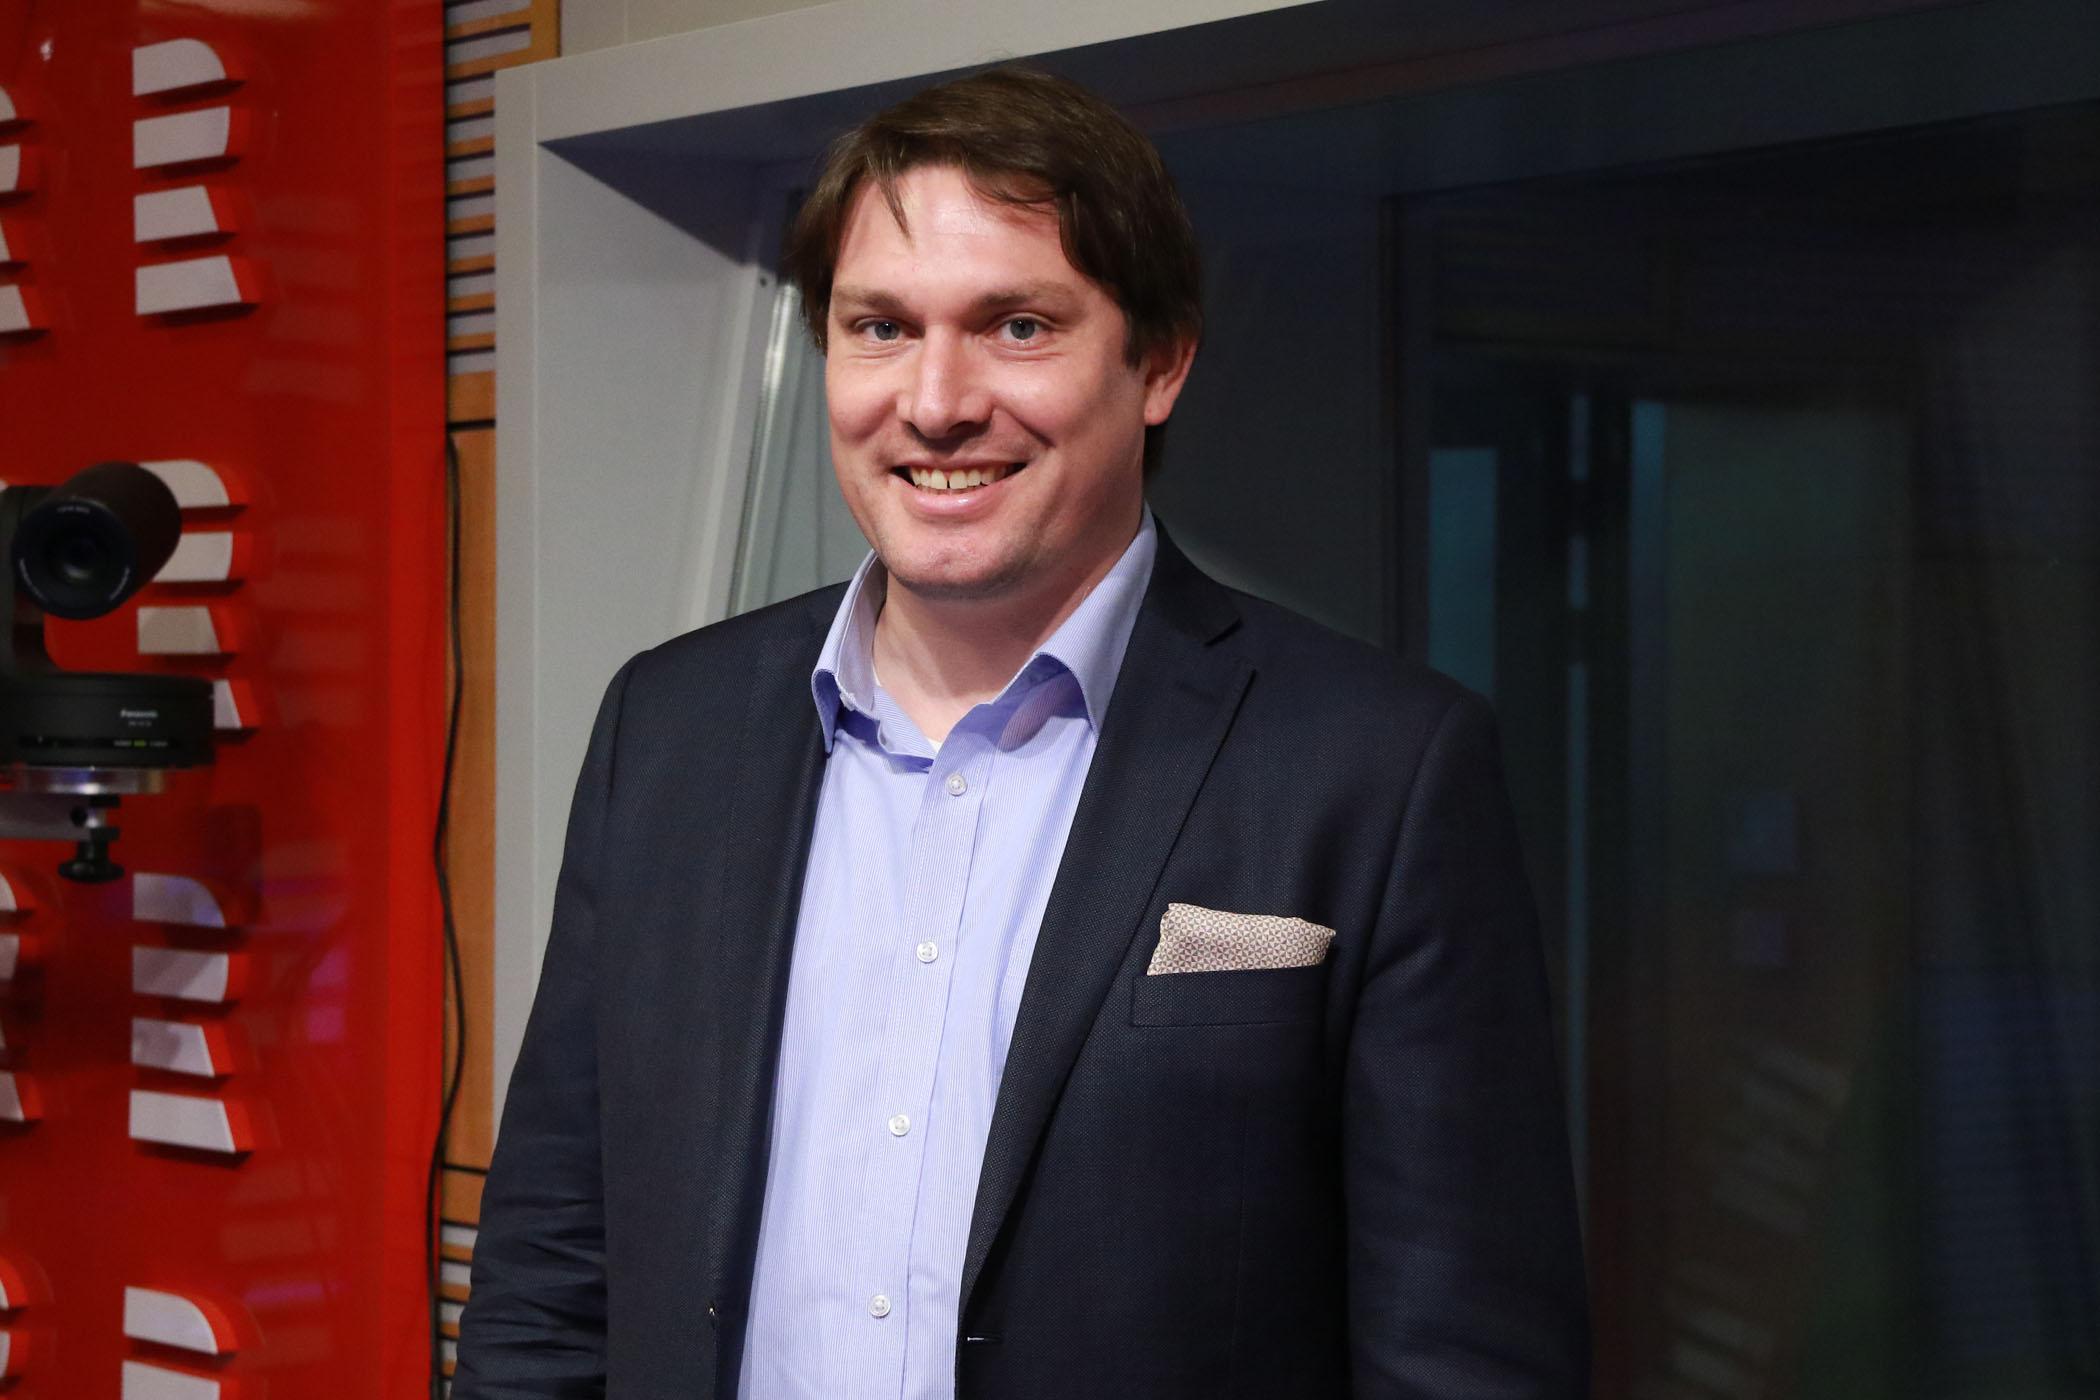 Právníka Štěpán Ciprýn, který se specializuje na kyberšikanu